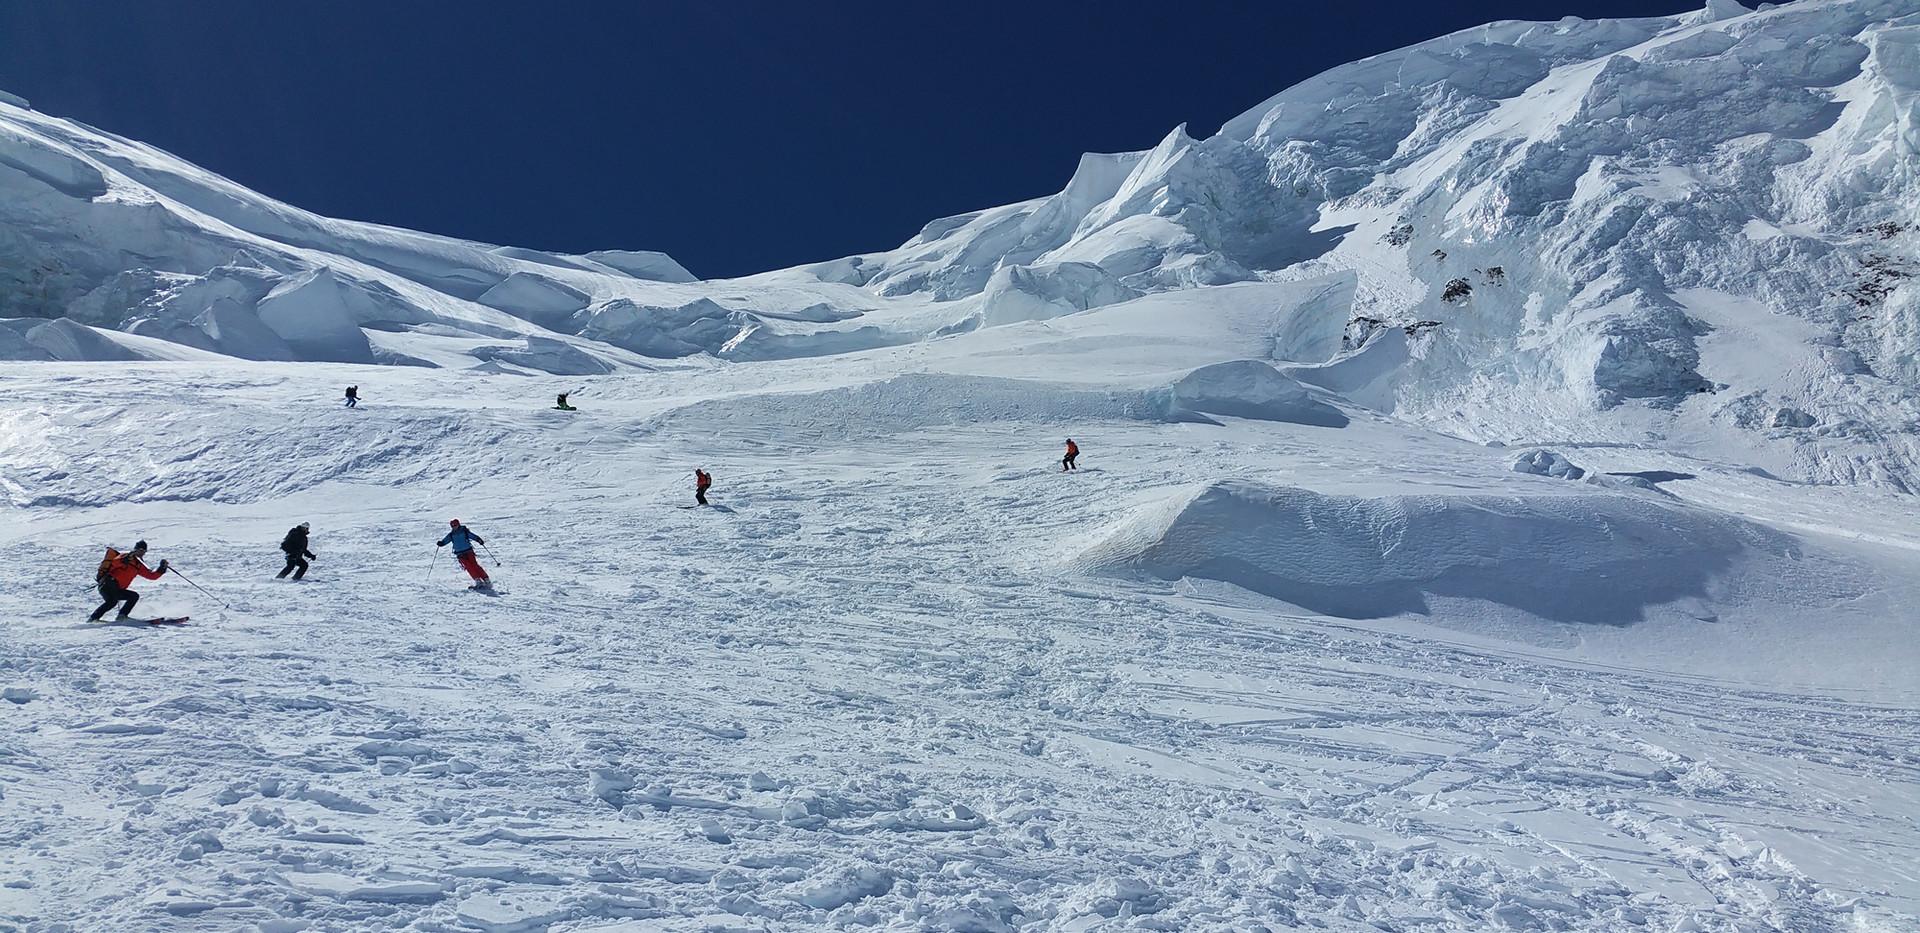 Montagne-escape Ski et cascade de glace